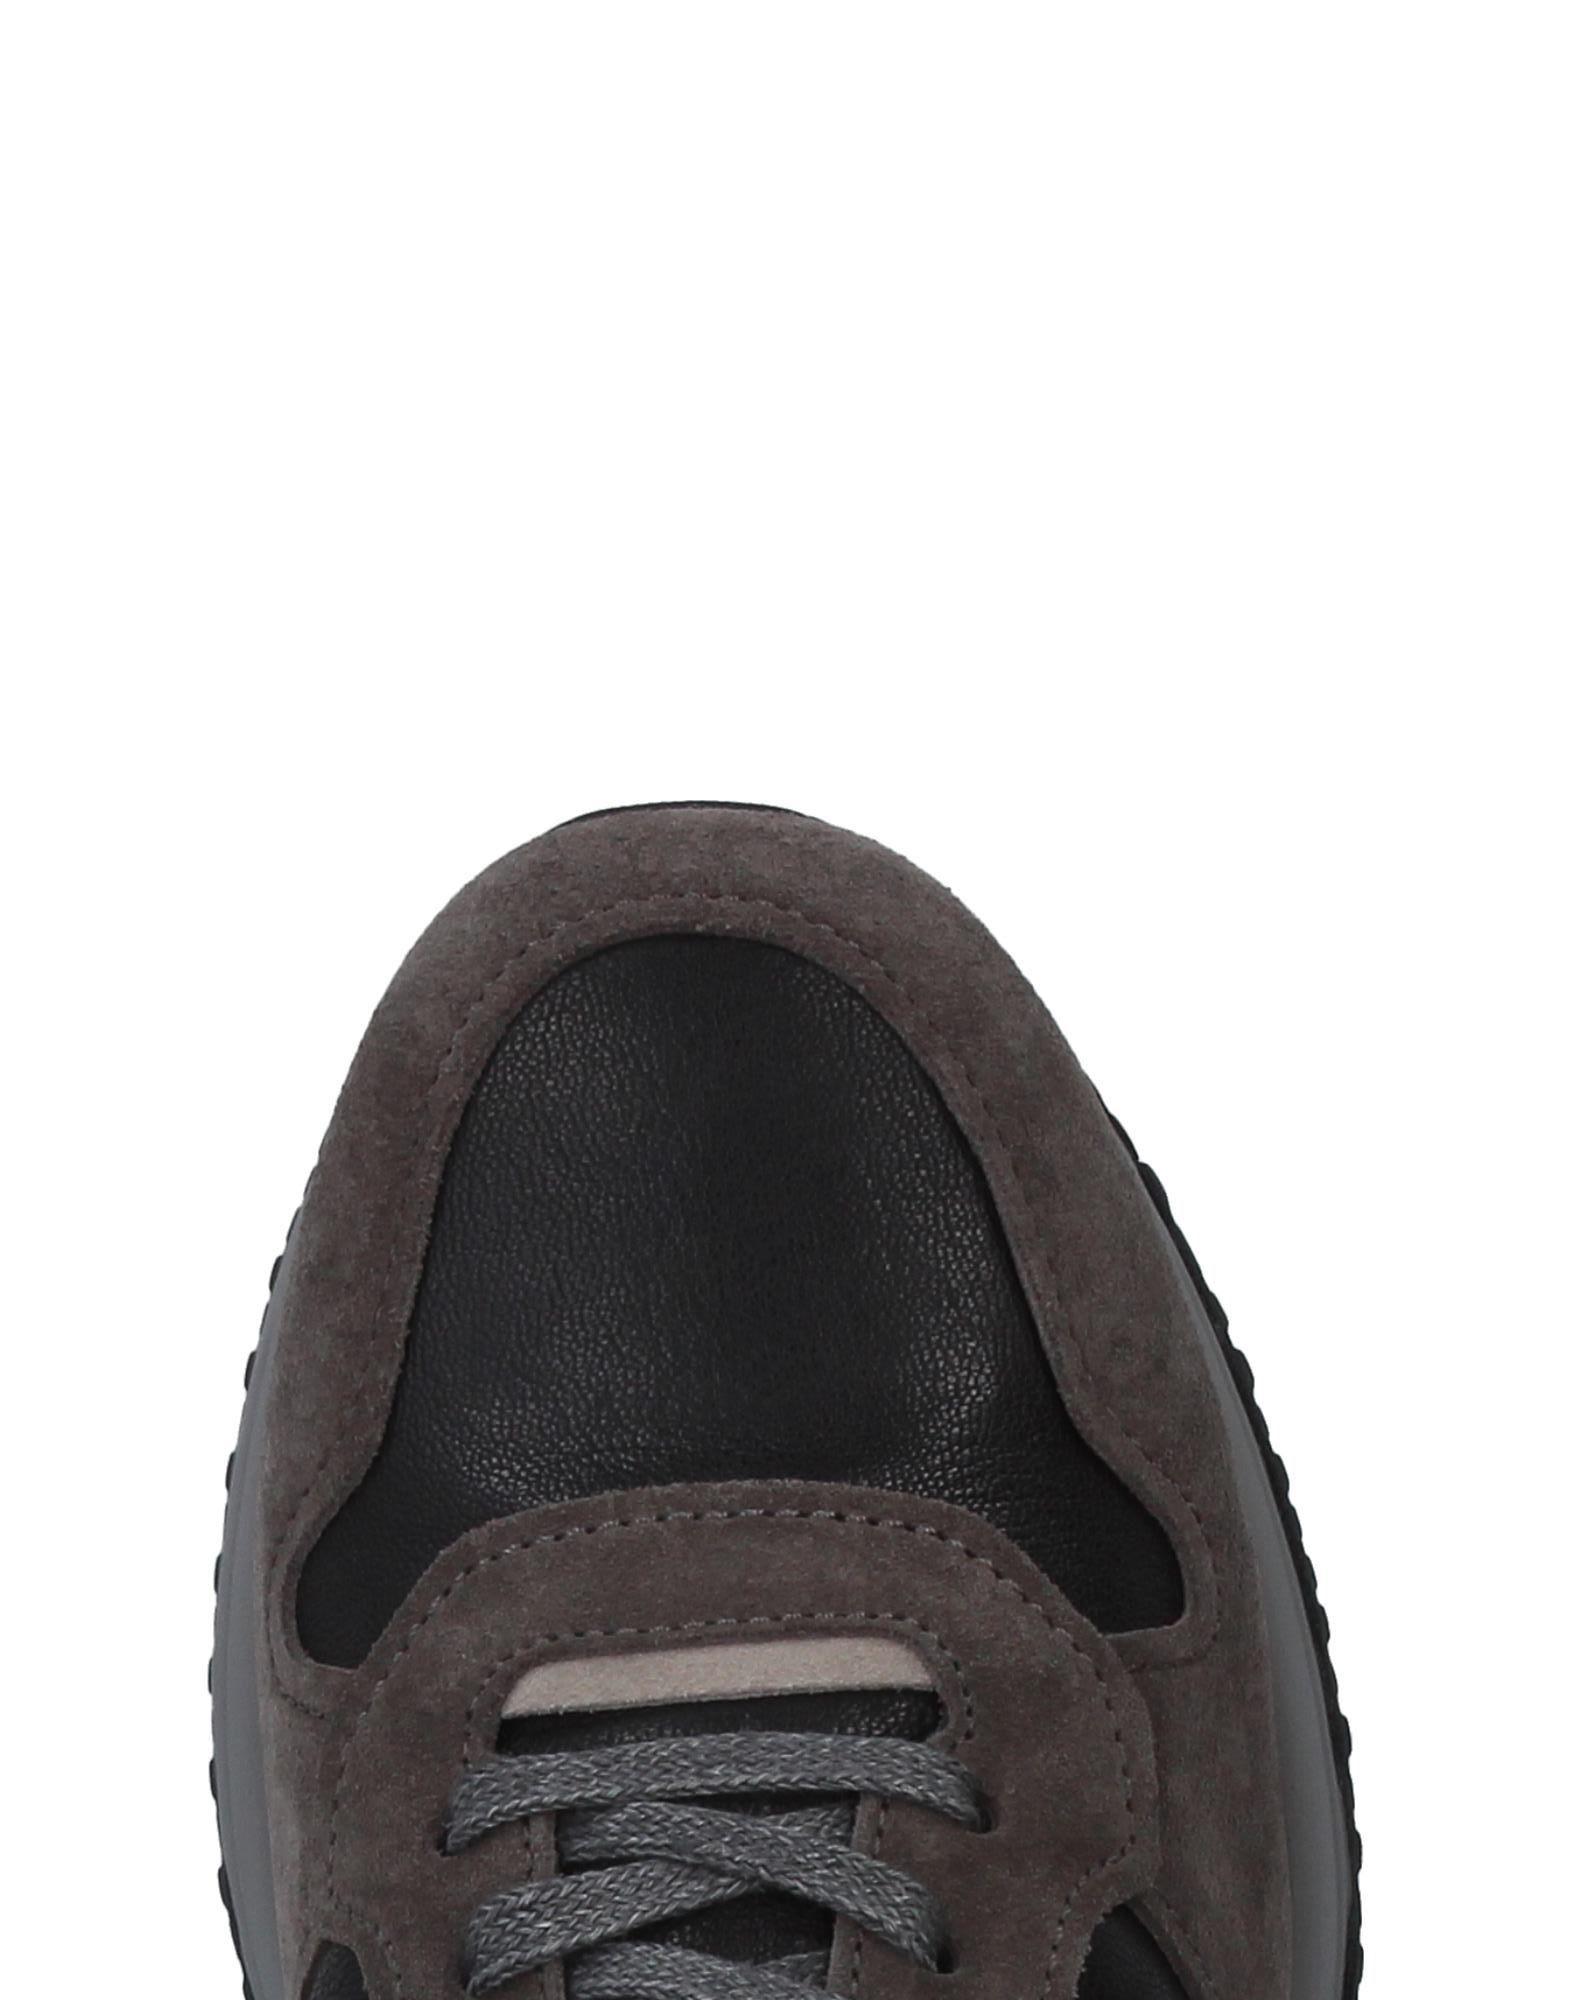 Schuhe Hogan Sneakers Herren  11297017QD Heiße Schuhe  603ecd